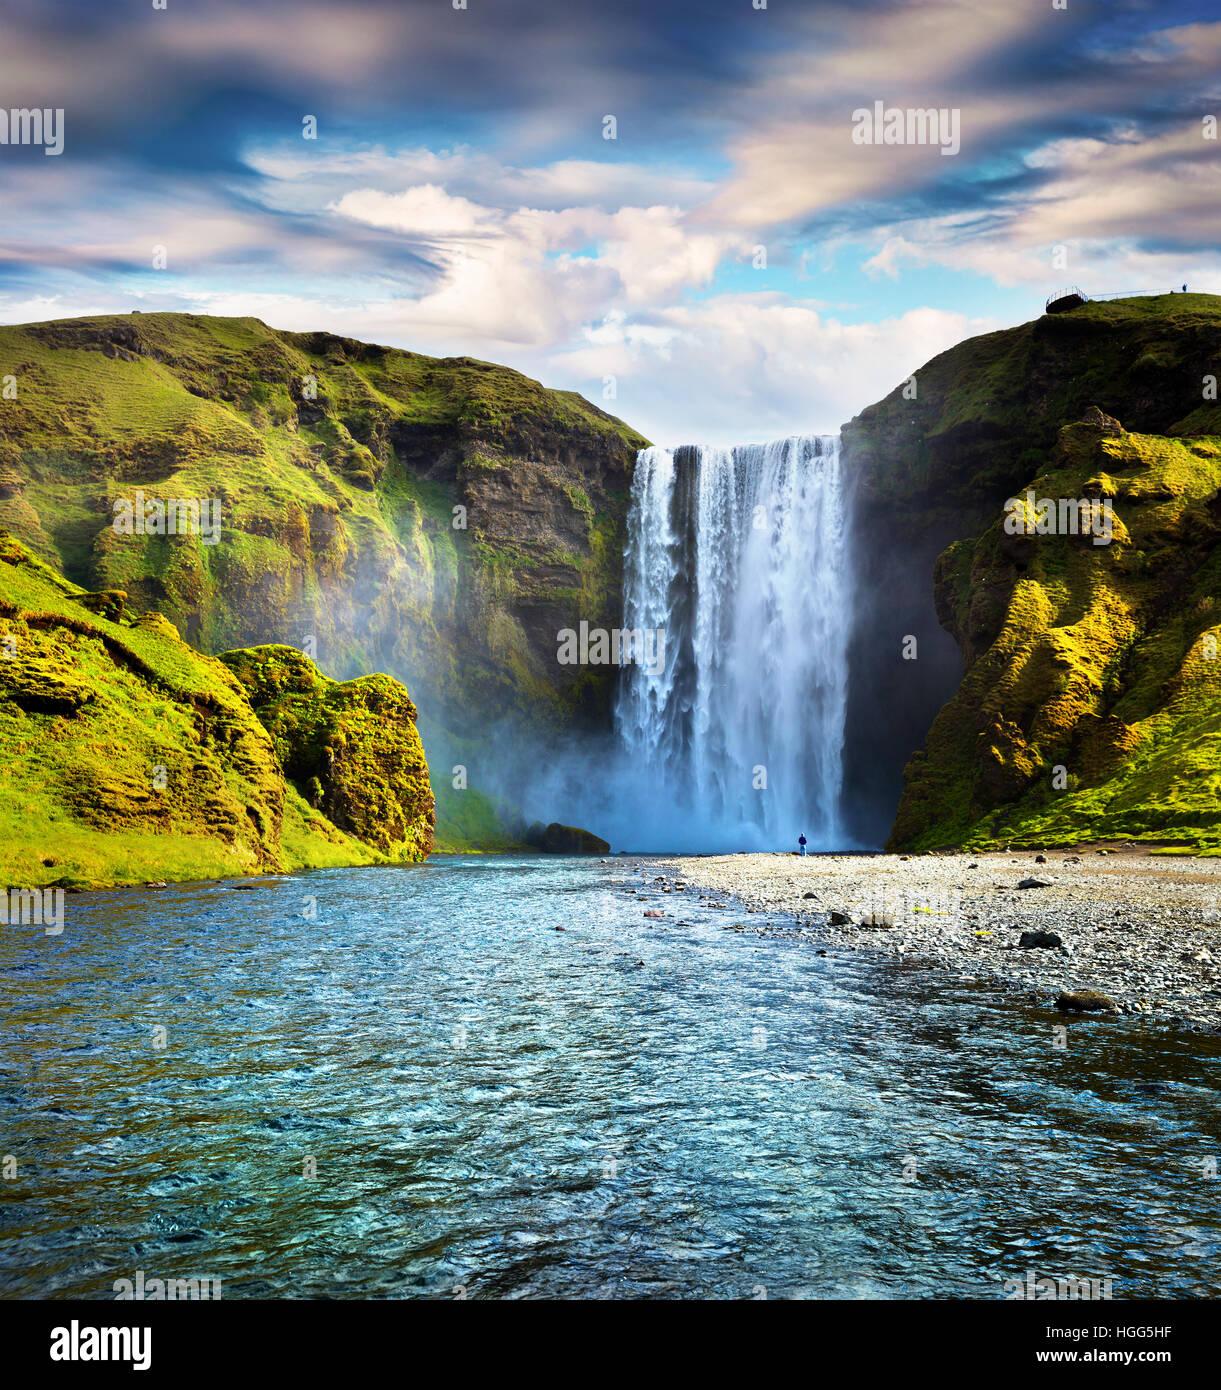 Scène d'été colorés avec de l'eau pure de Skogafoss Chute d'eau. Matin ensoleillé Photo Stock